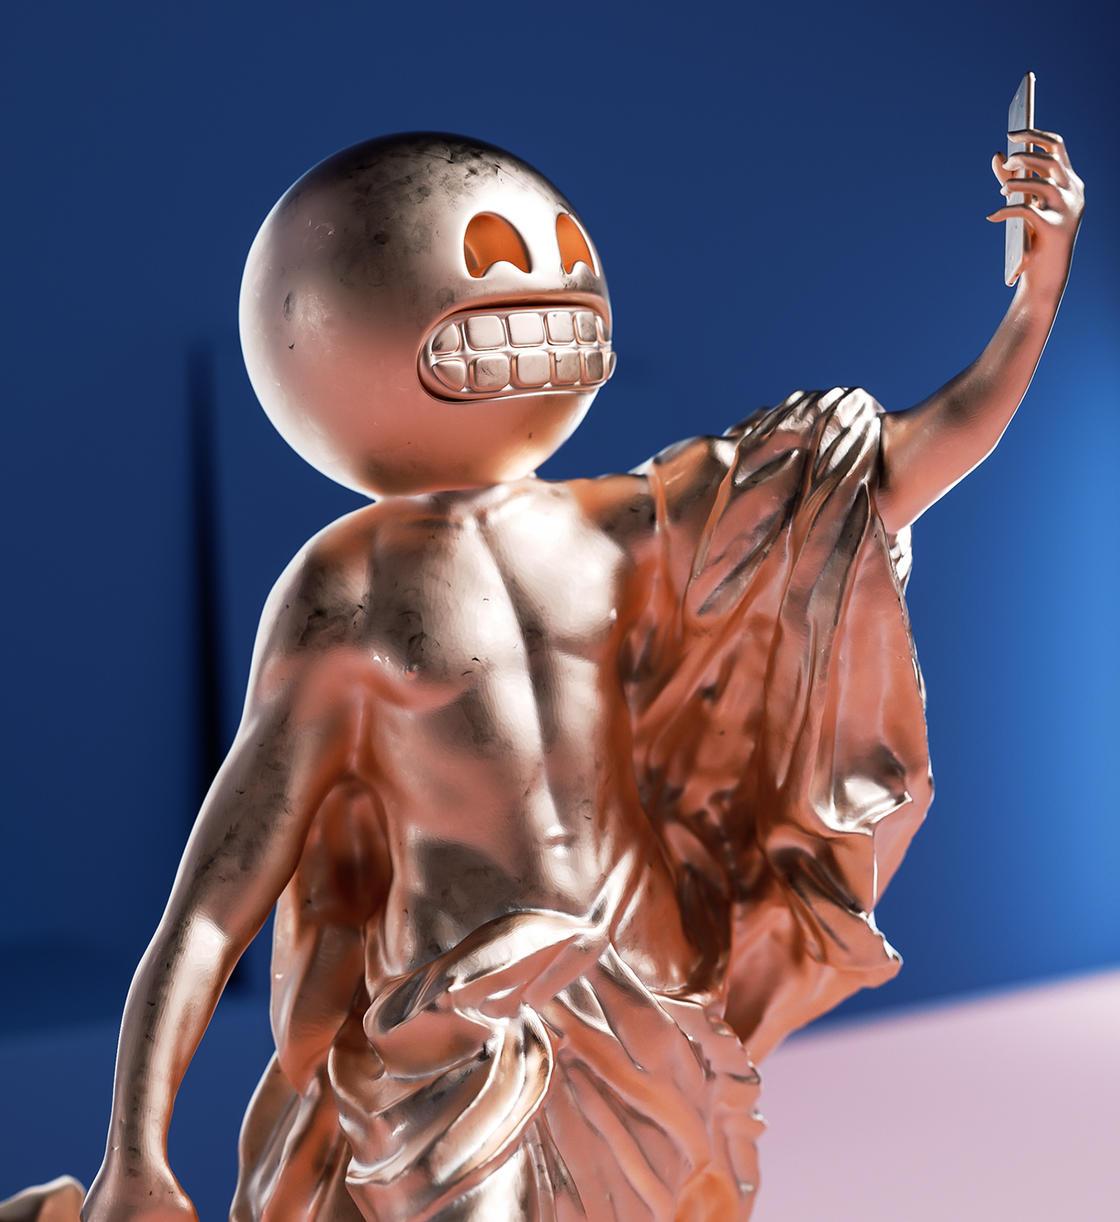 Sculptmojis, quando emoji e scultura classica si incontrano | Collater.al 2